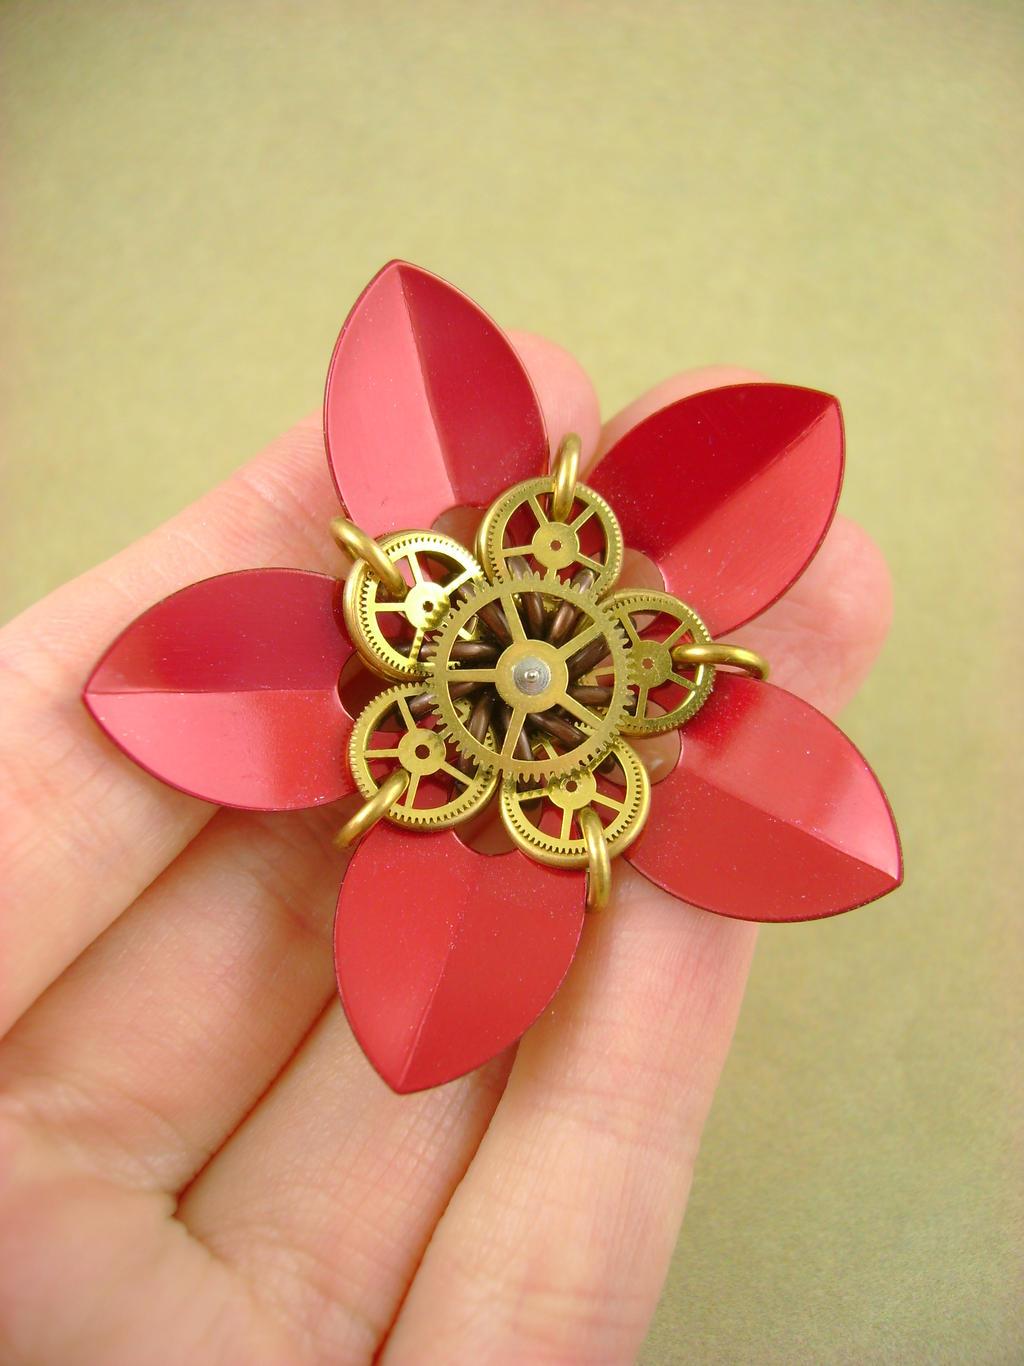 Gearmaille Flower - Even Better! by monsterkookies